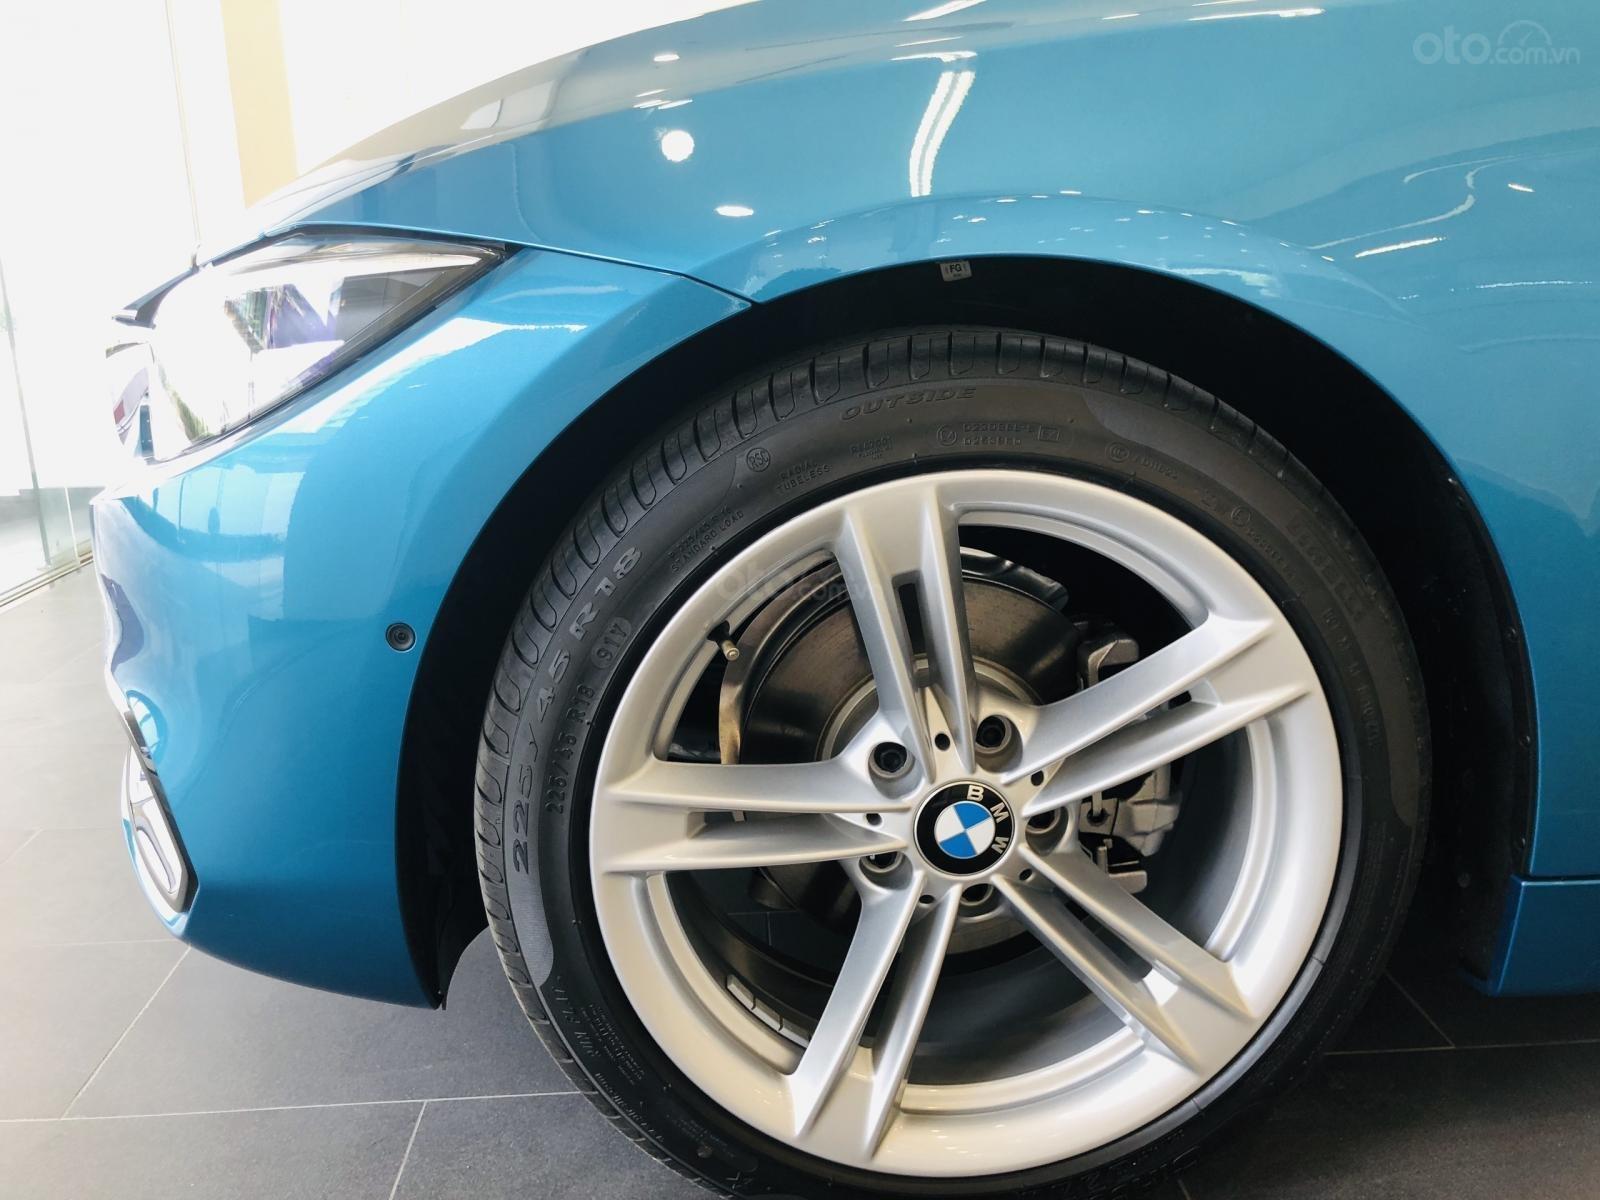 Thông số kỹ thuật xe BMW 420i 2020: Mâm xe 18 inch 1